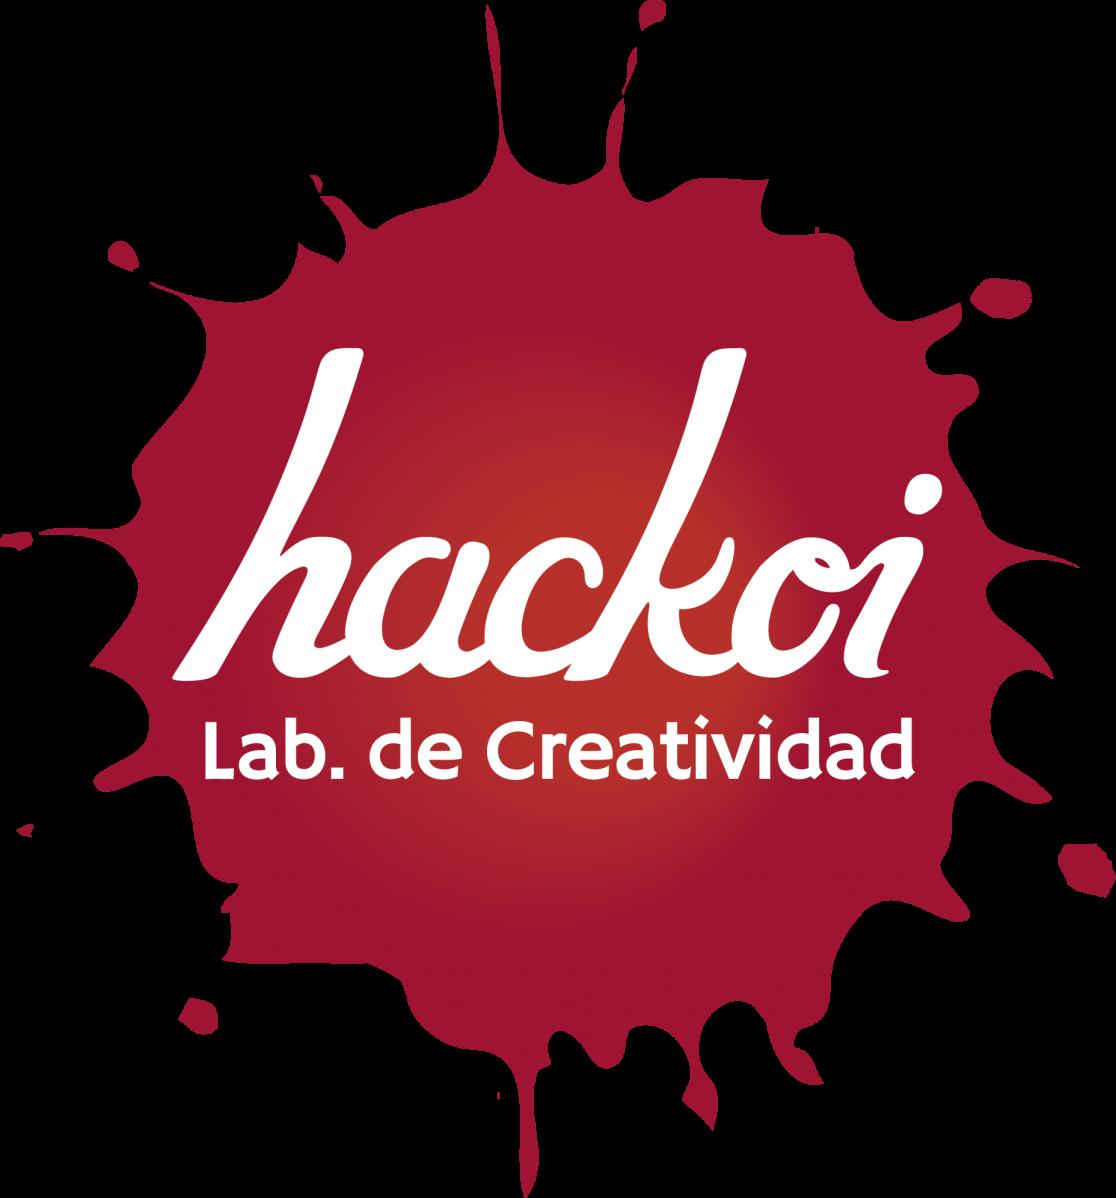 Logo Hackoi